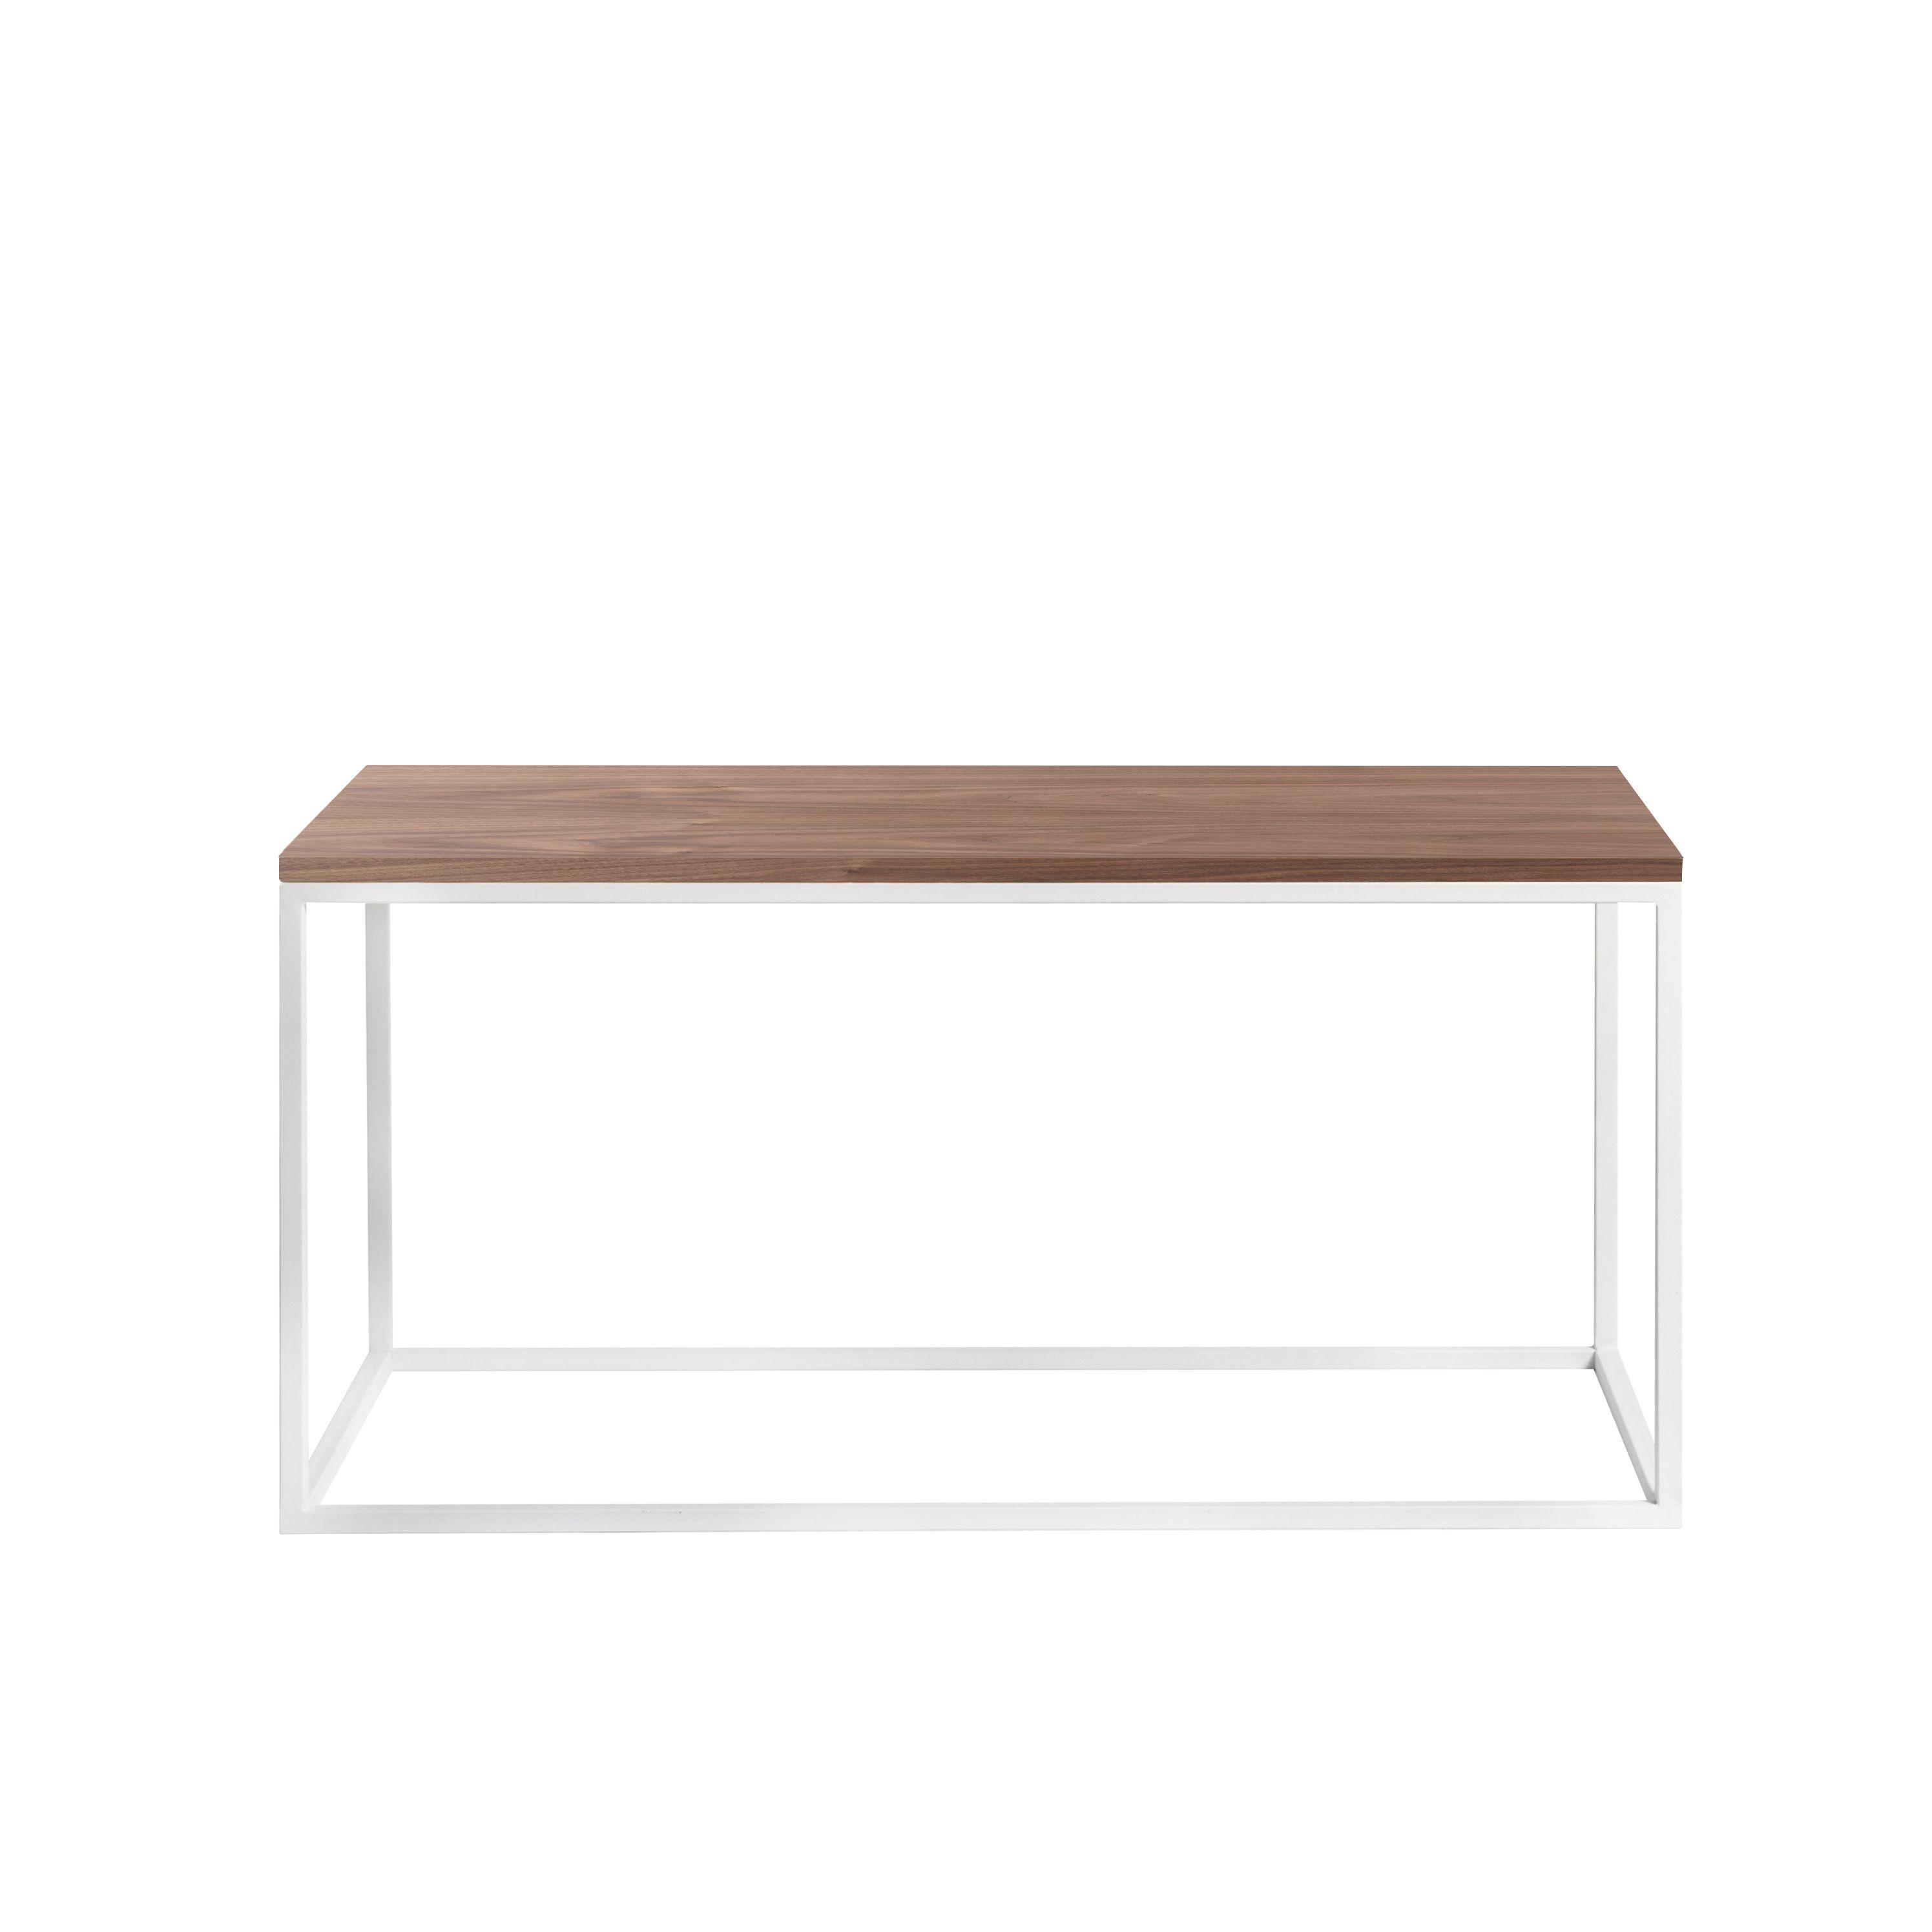 Журнальный/кофейный столик Darmian white, американский орехЖурнальные столики<br><br>